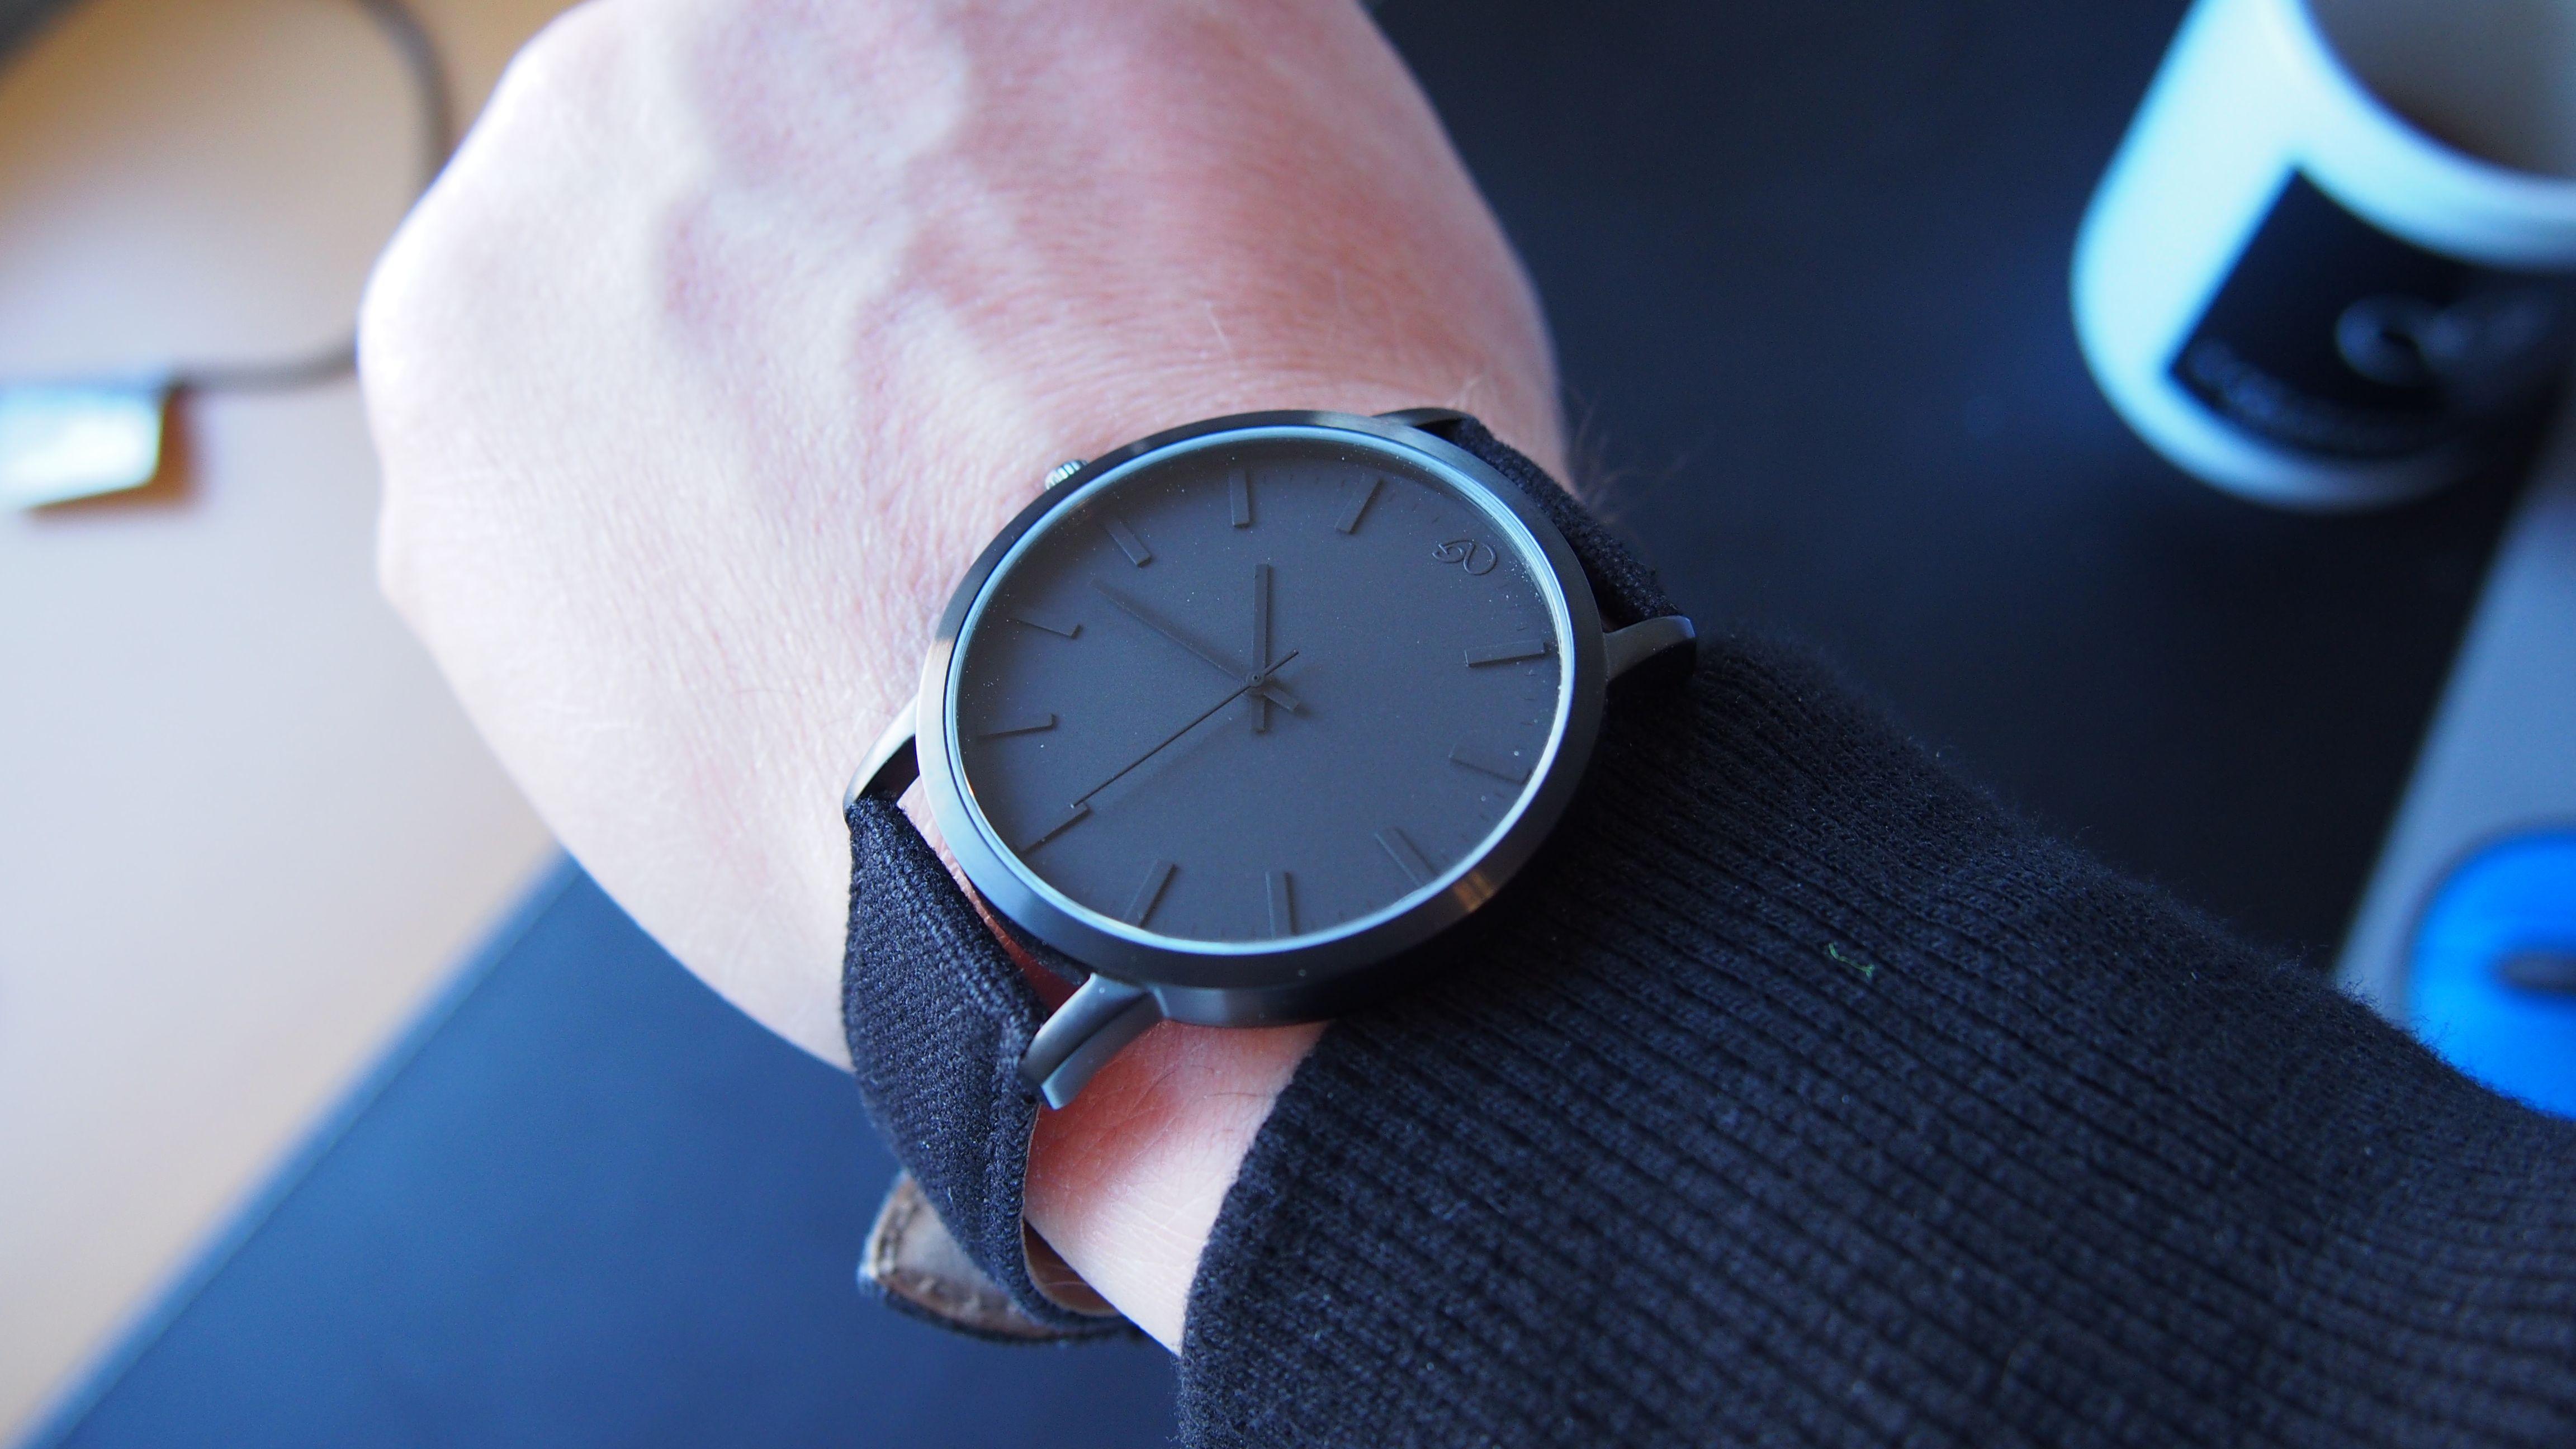 #gaxs #watch #watches #shopping #wristwatch #style #fashion #klocka